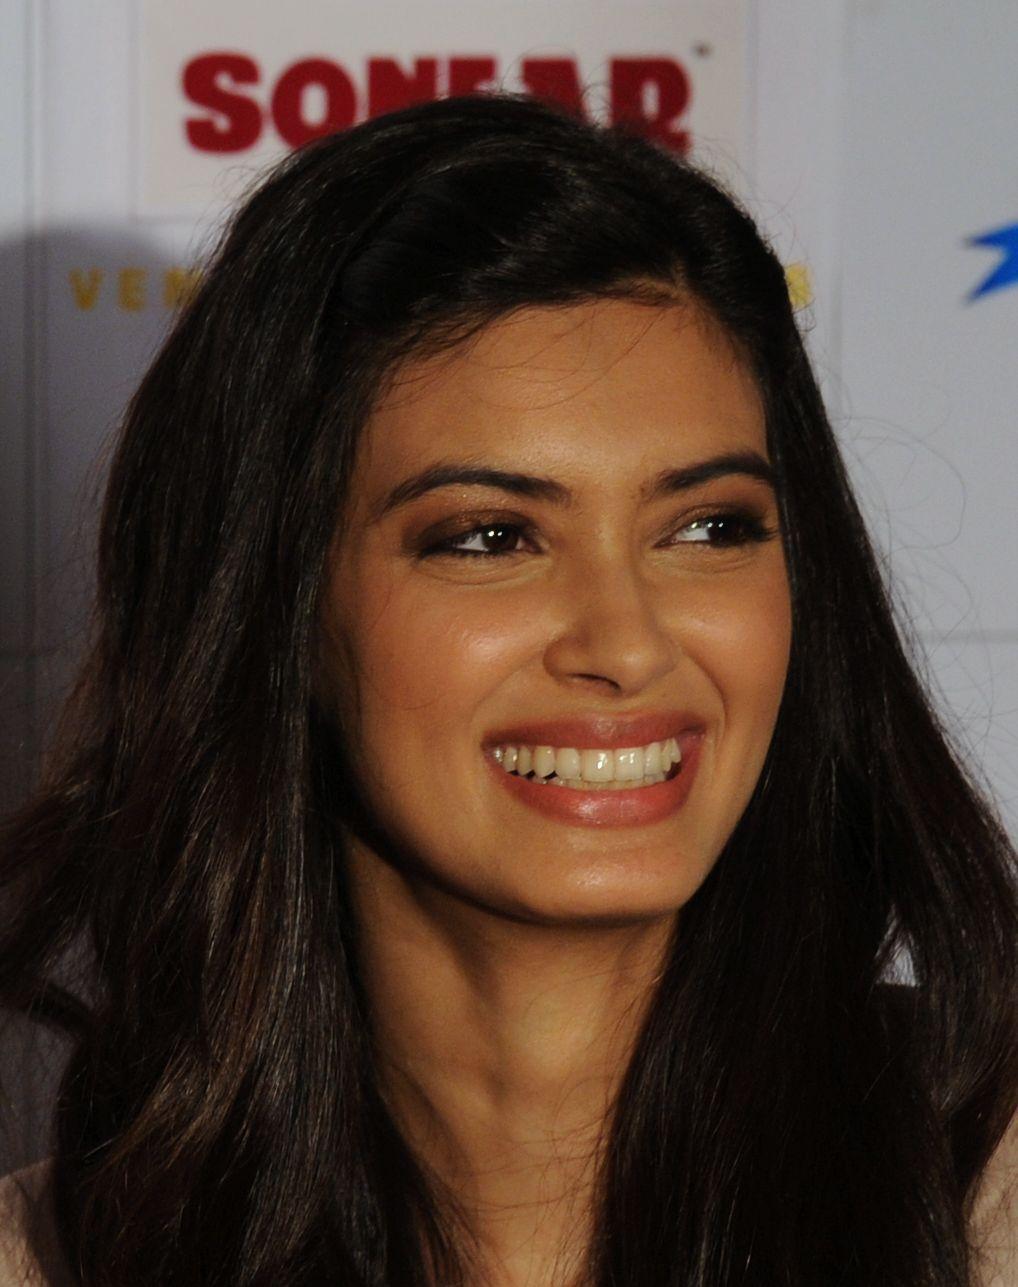 Diana Penty Indian Actress, Model